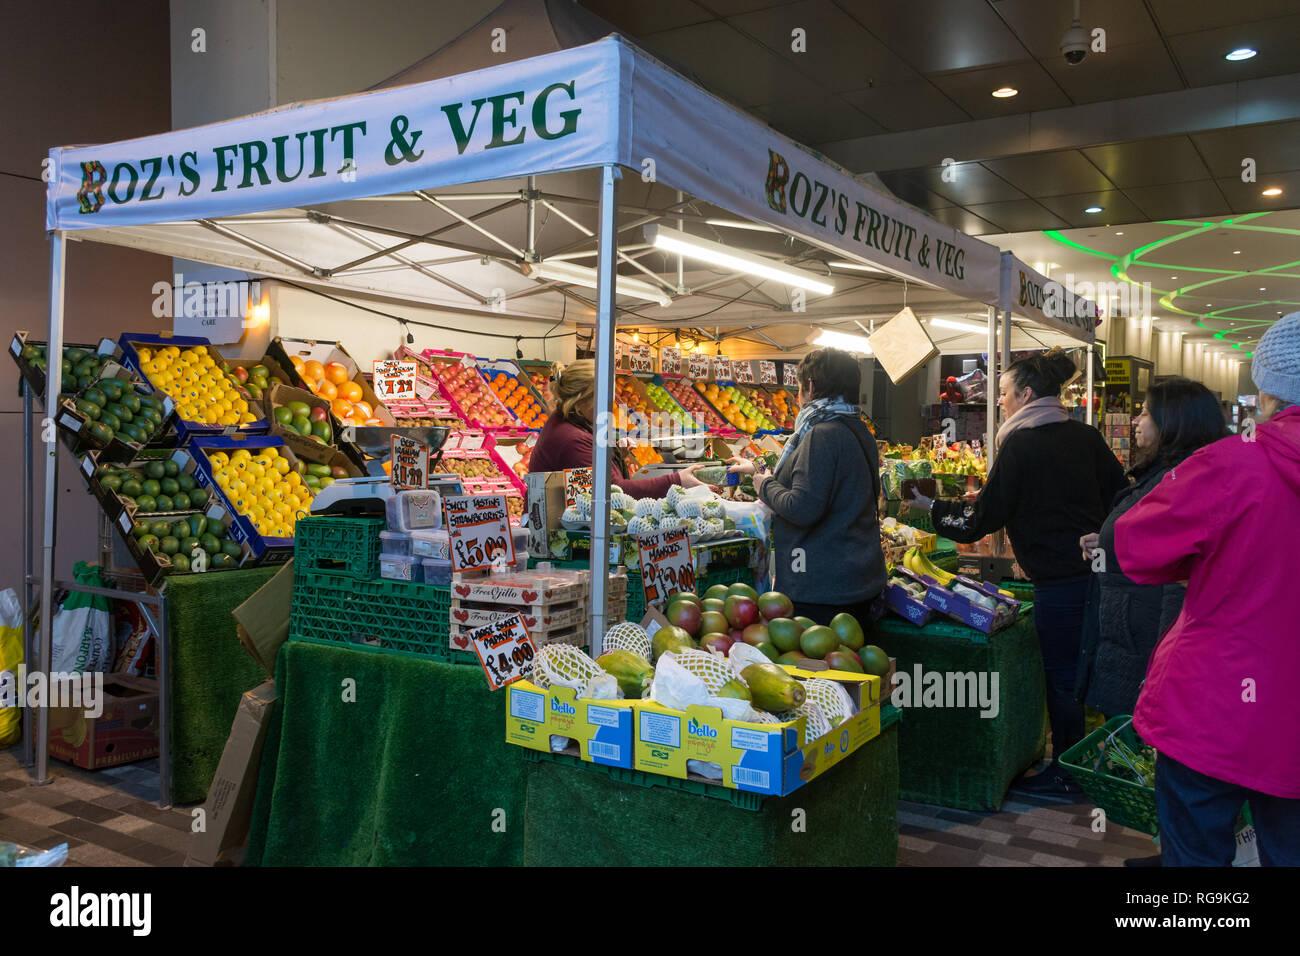 Mercato di frutta e verdura in stallo a Woking Town Center, Surrey, Regno Unito, con la gente a fare shopping. La vita di tutti i giorni. Immagini Stock